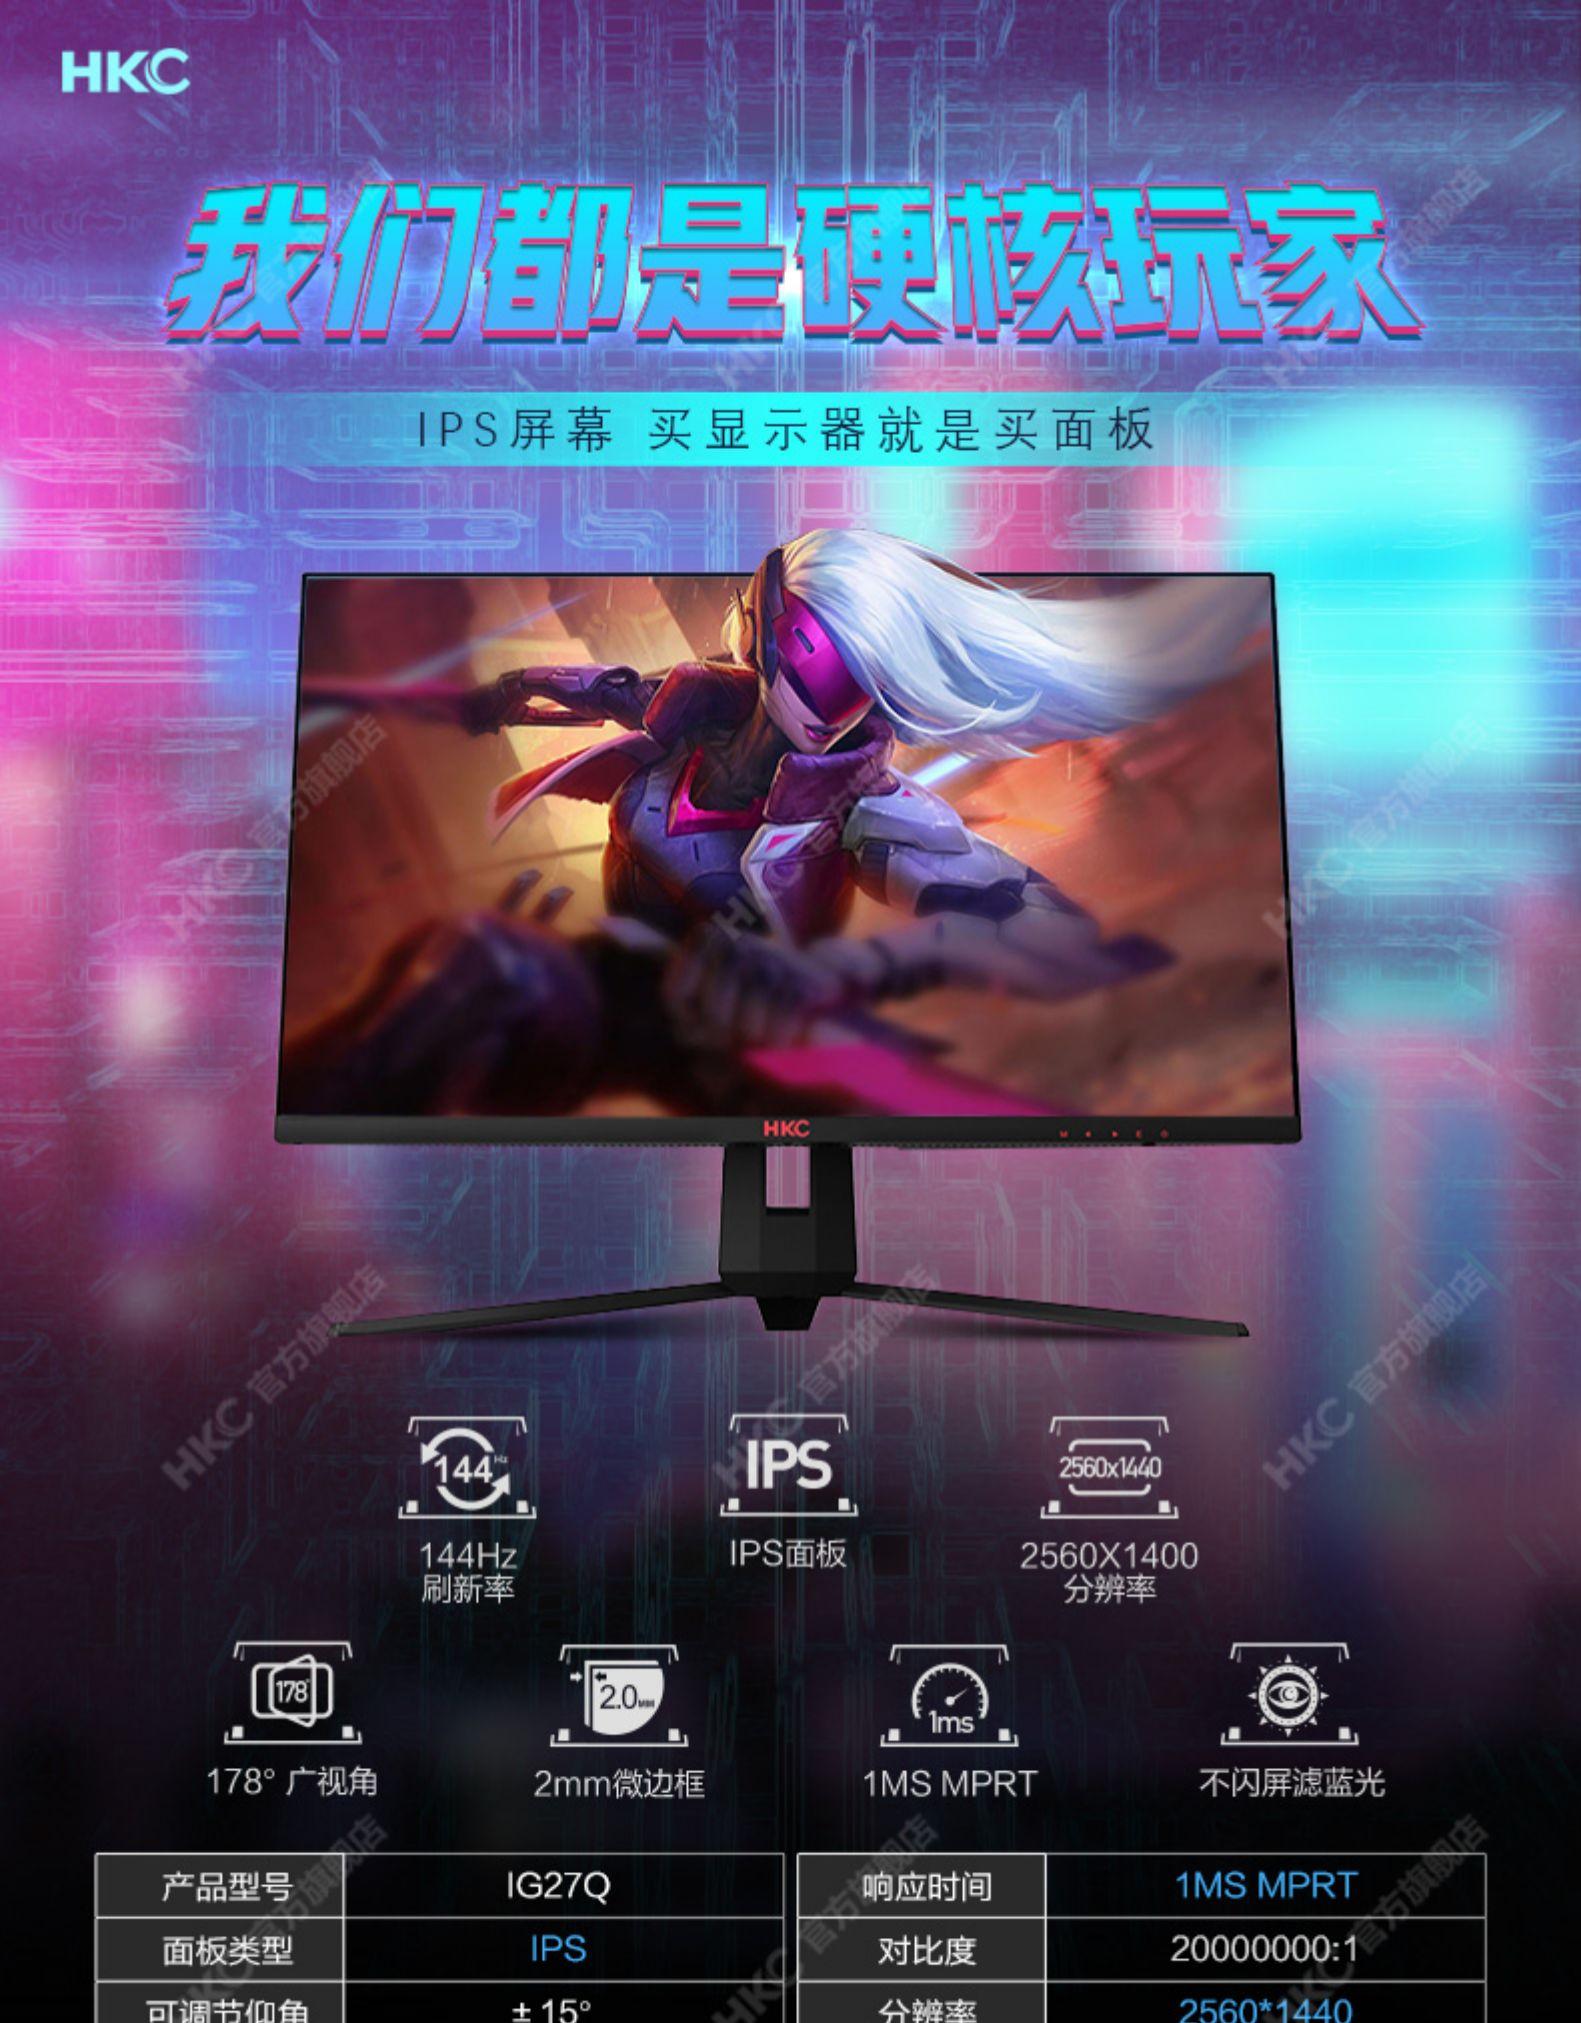 英寸高清电竞显示器小金刚窄边框响应臺式电脑萤幕吃鸡游戏笔记本外接壁挂详细照片